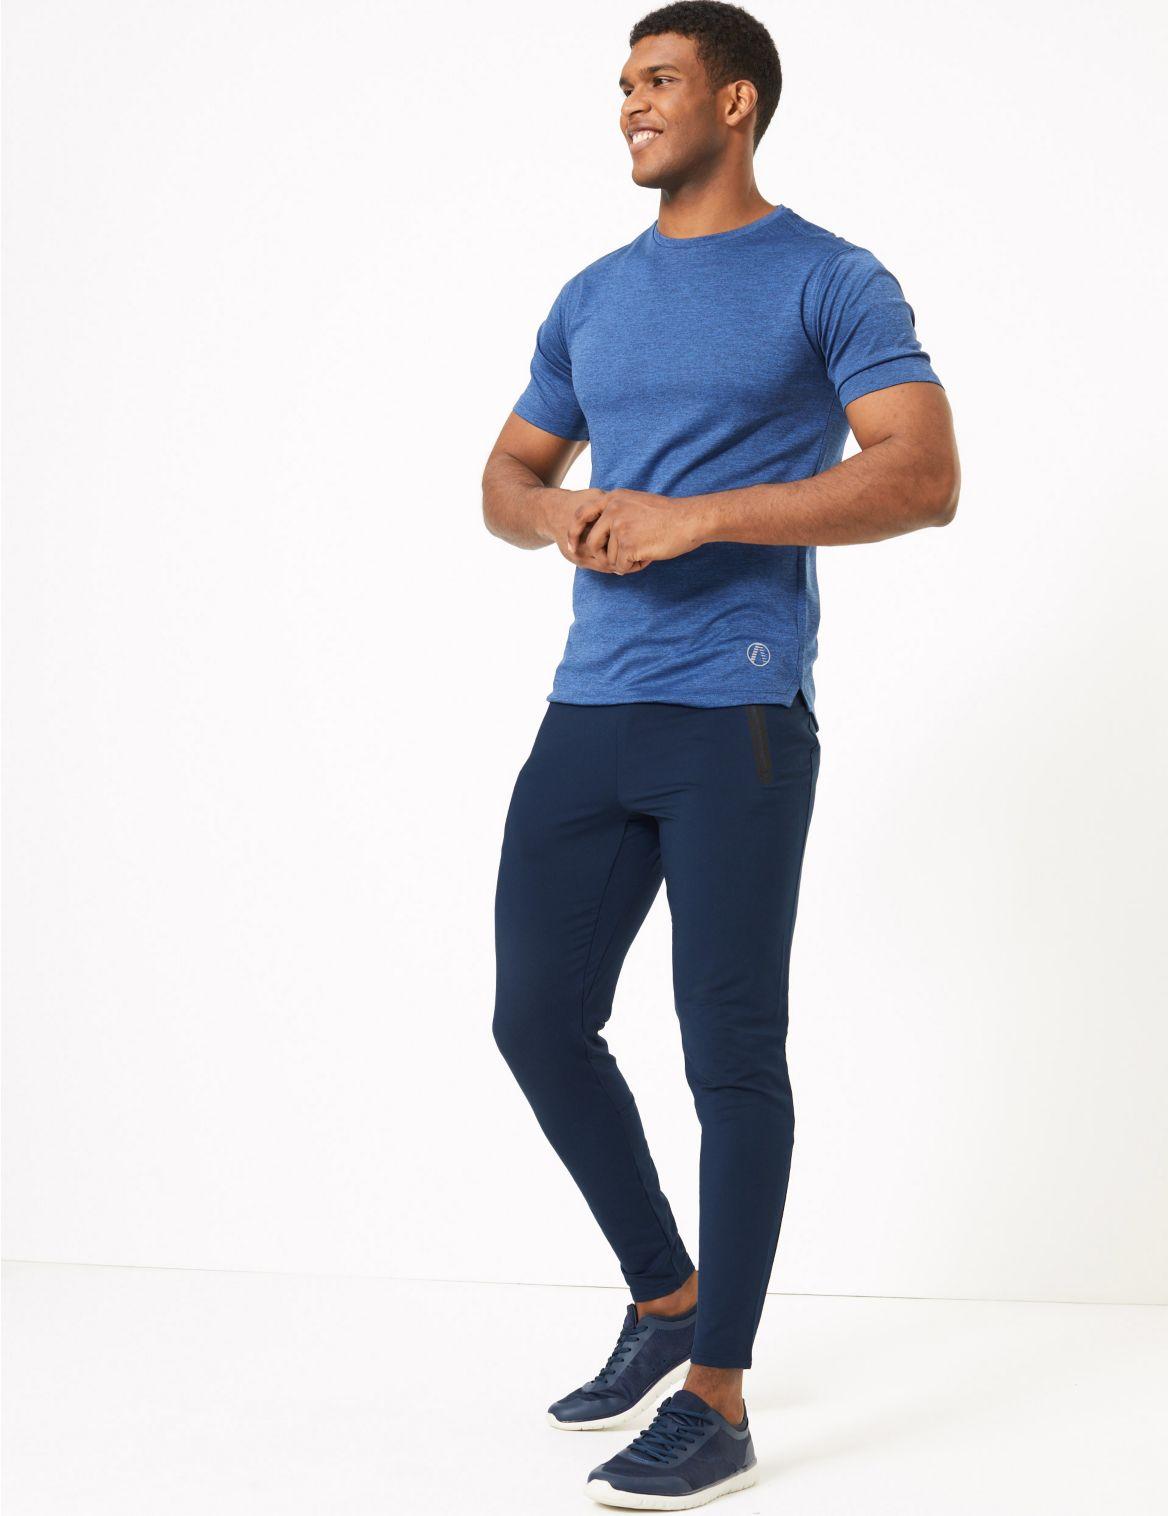 Jogging de sport coupe fusel??e. StyleForme du produit:Joggings;Longueur du produit:Longueur cheville;Coupe slim;Taille ??lastique;Tissu extensible